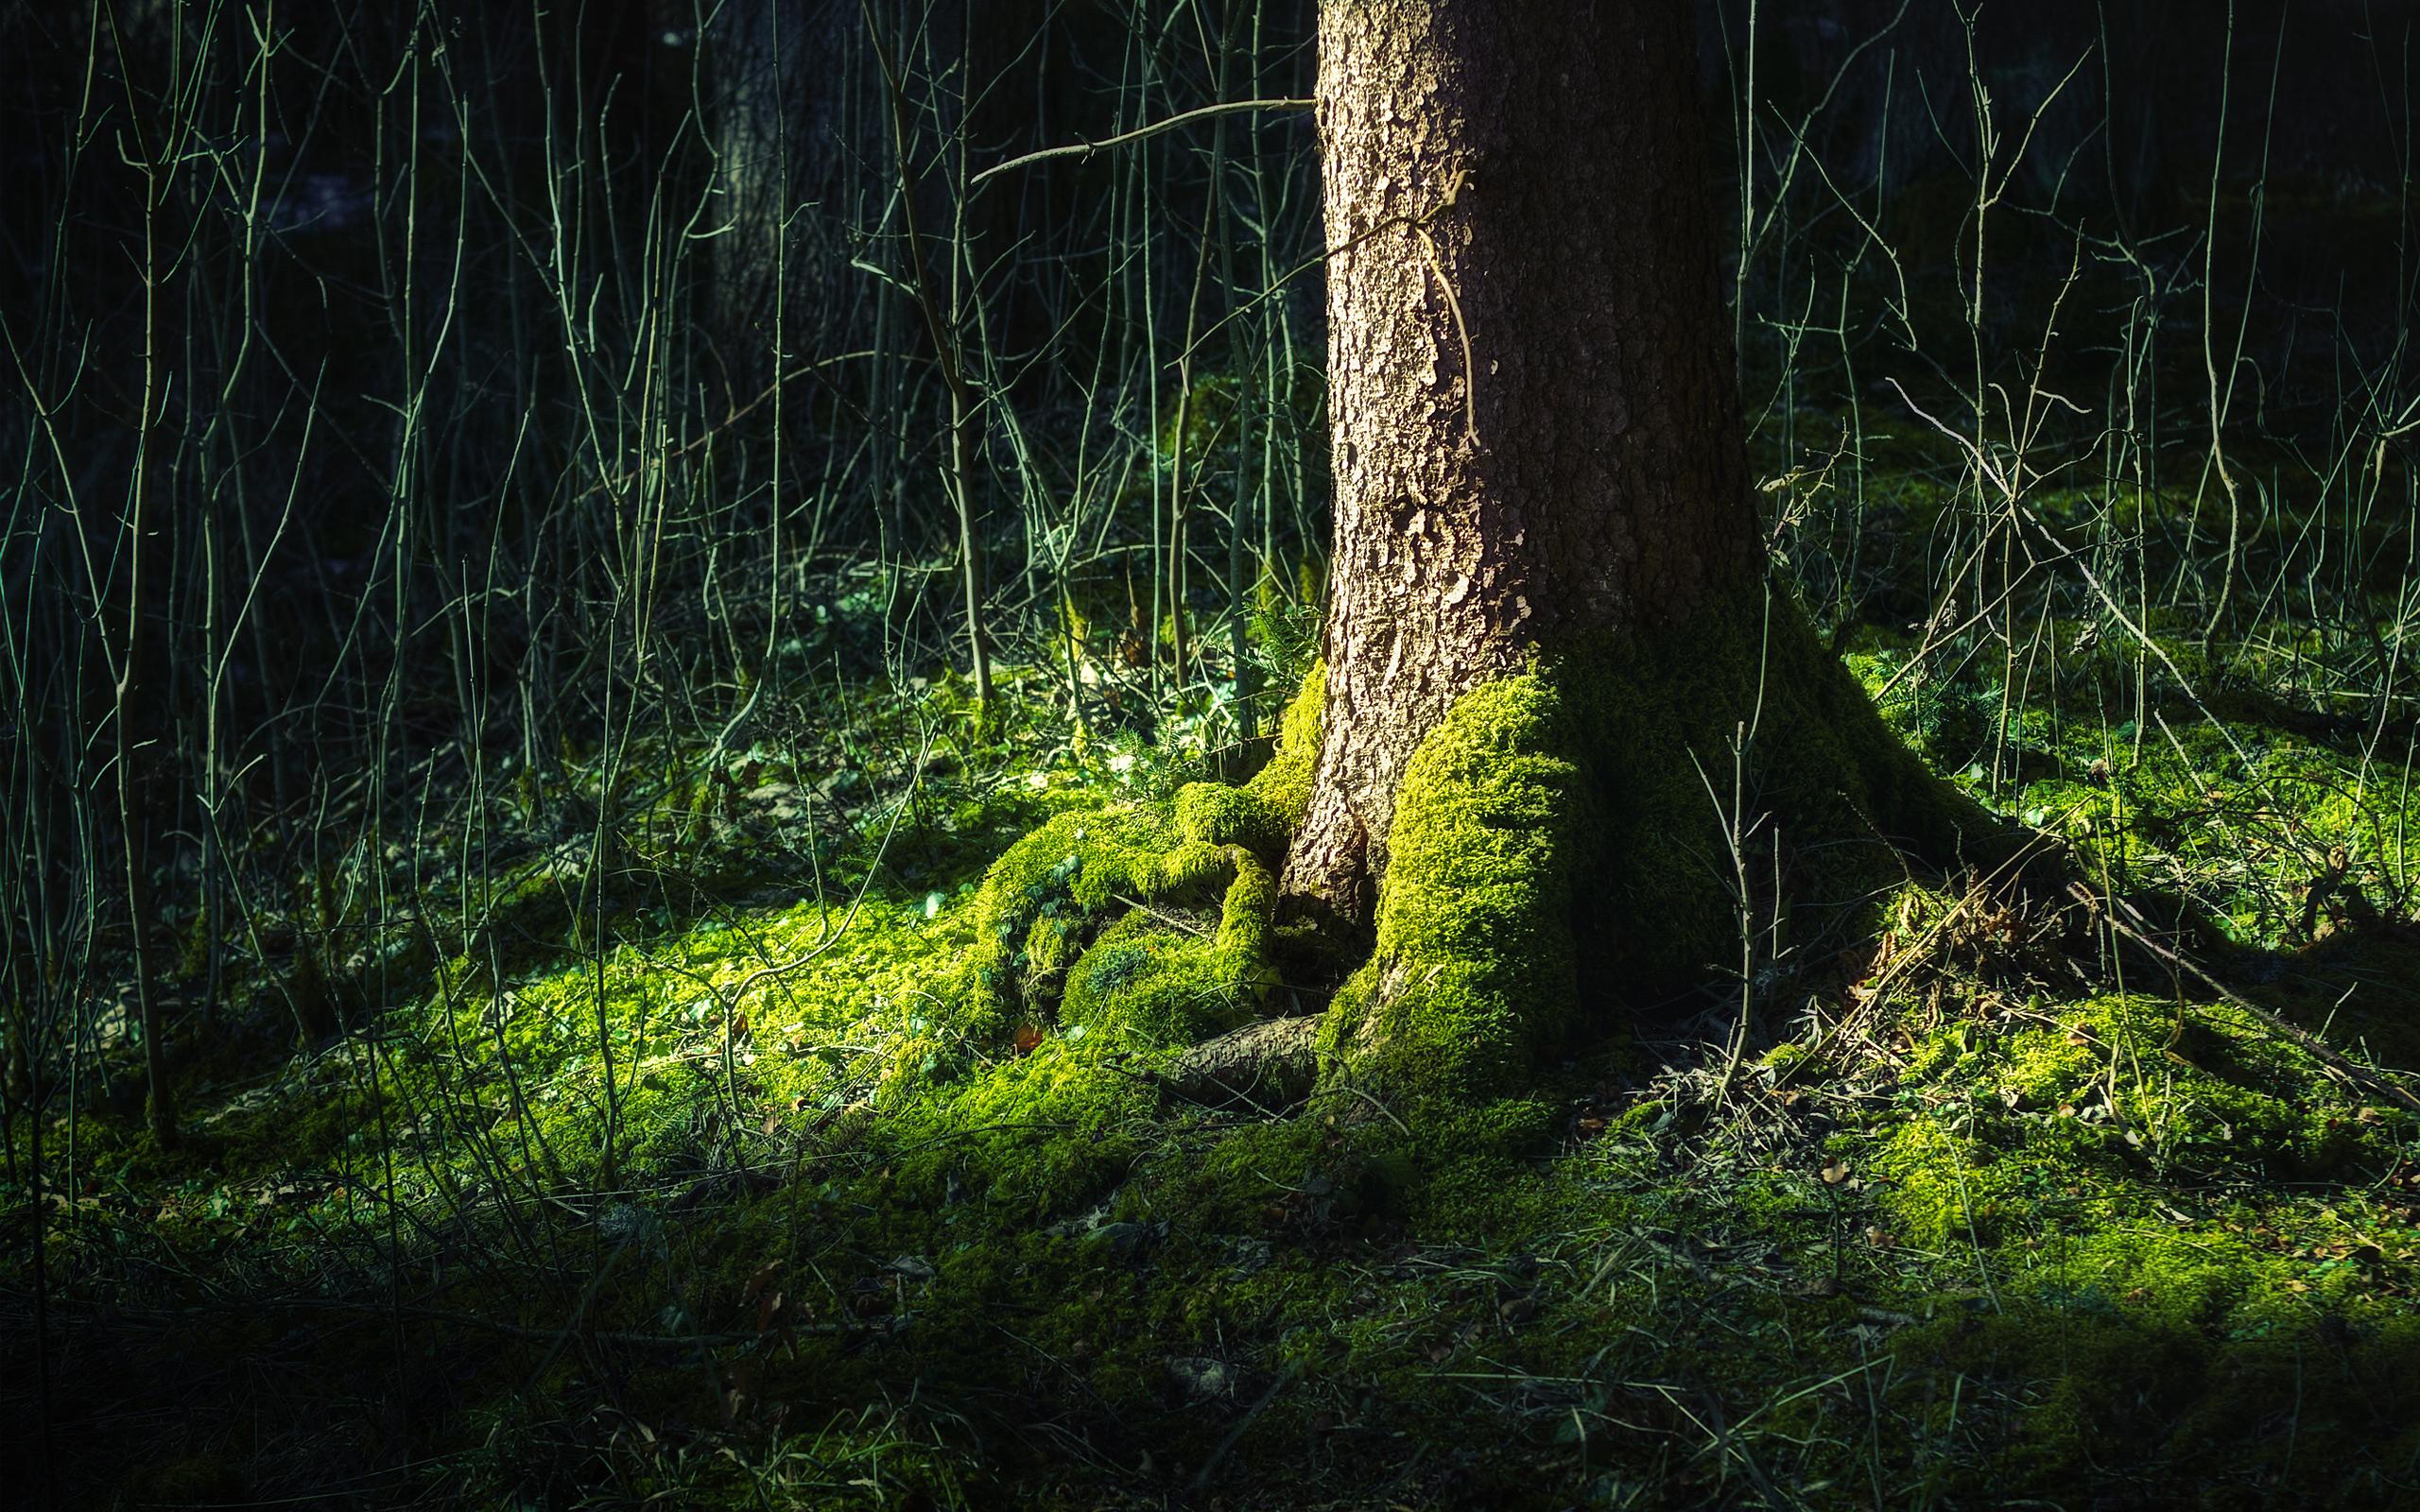 forest backgrounds desktop